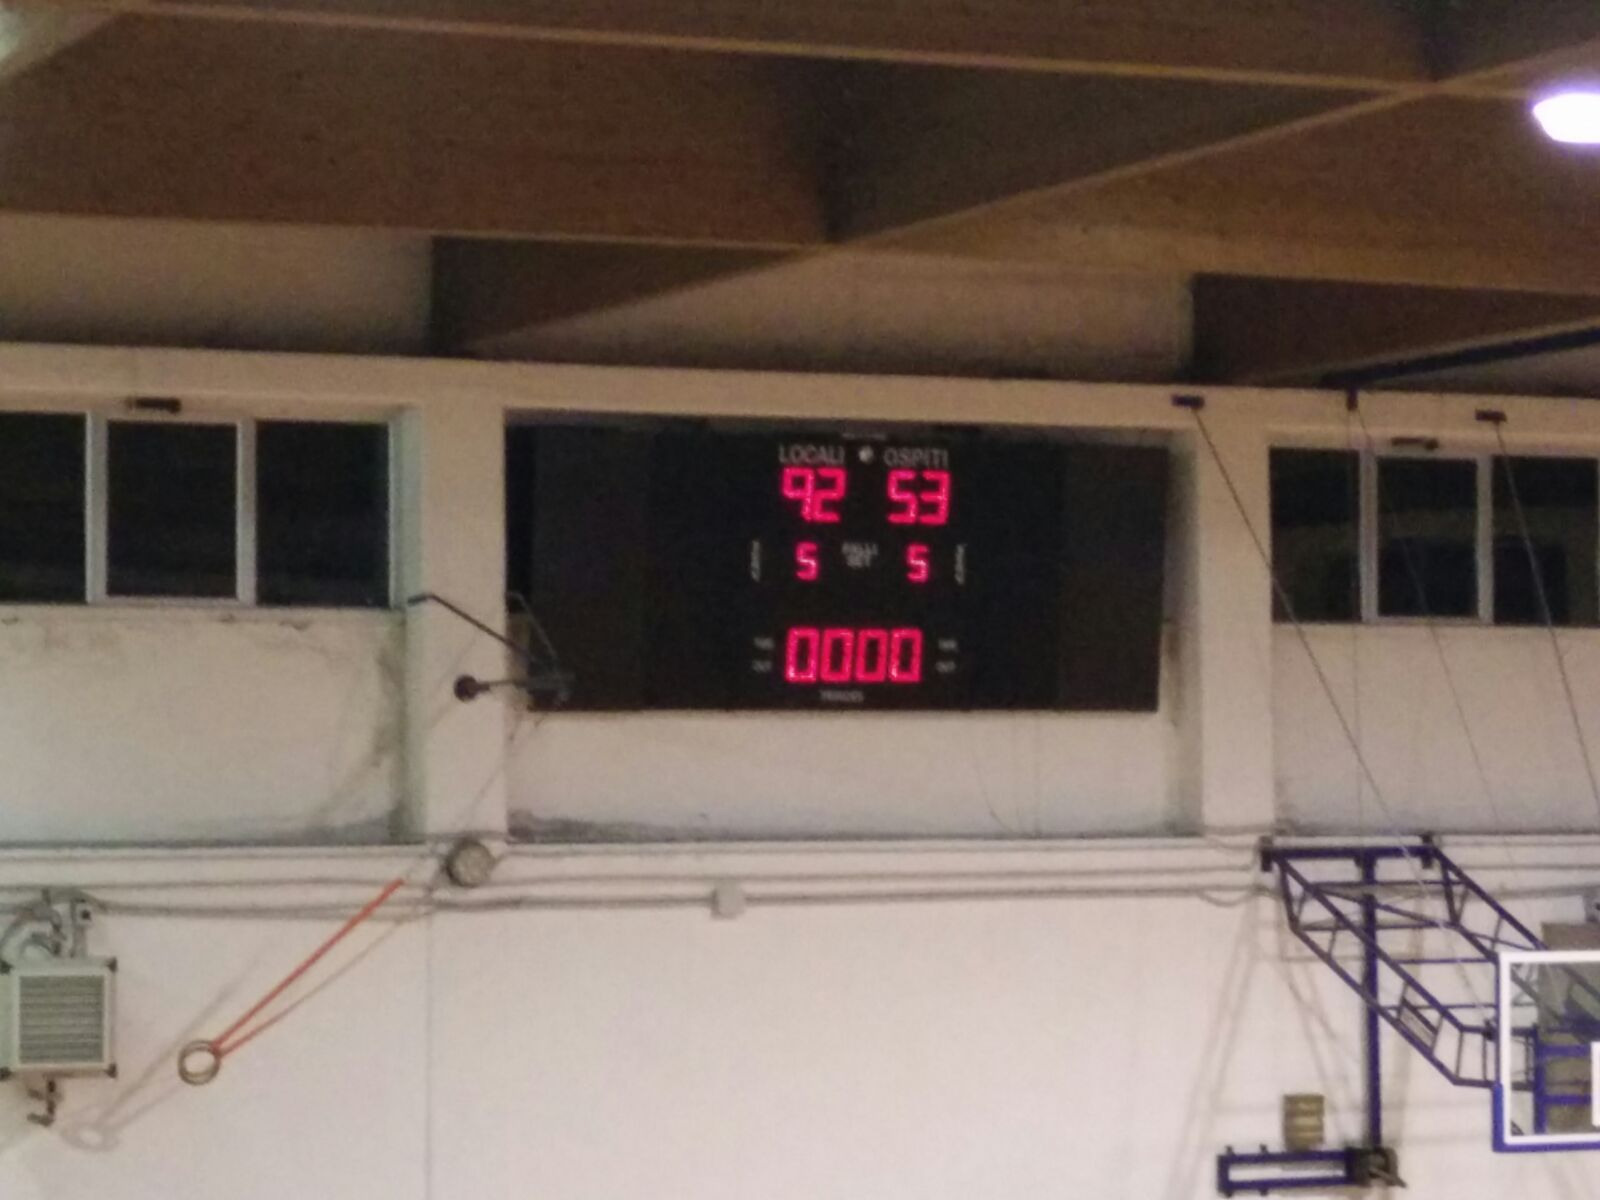 Torneo Uisp: il Basket Verbano torna alla vittoria, per Alebbio non c'è scampo. Finisce 92-53